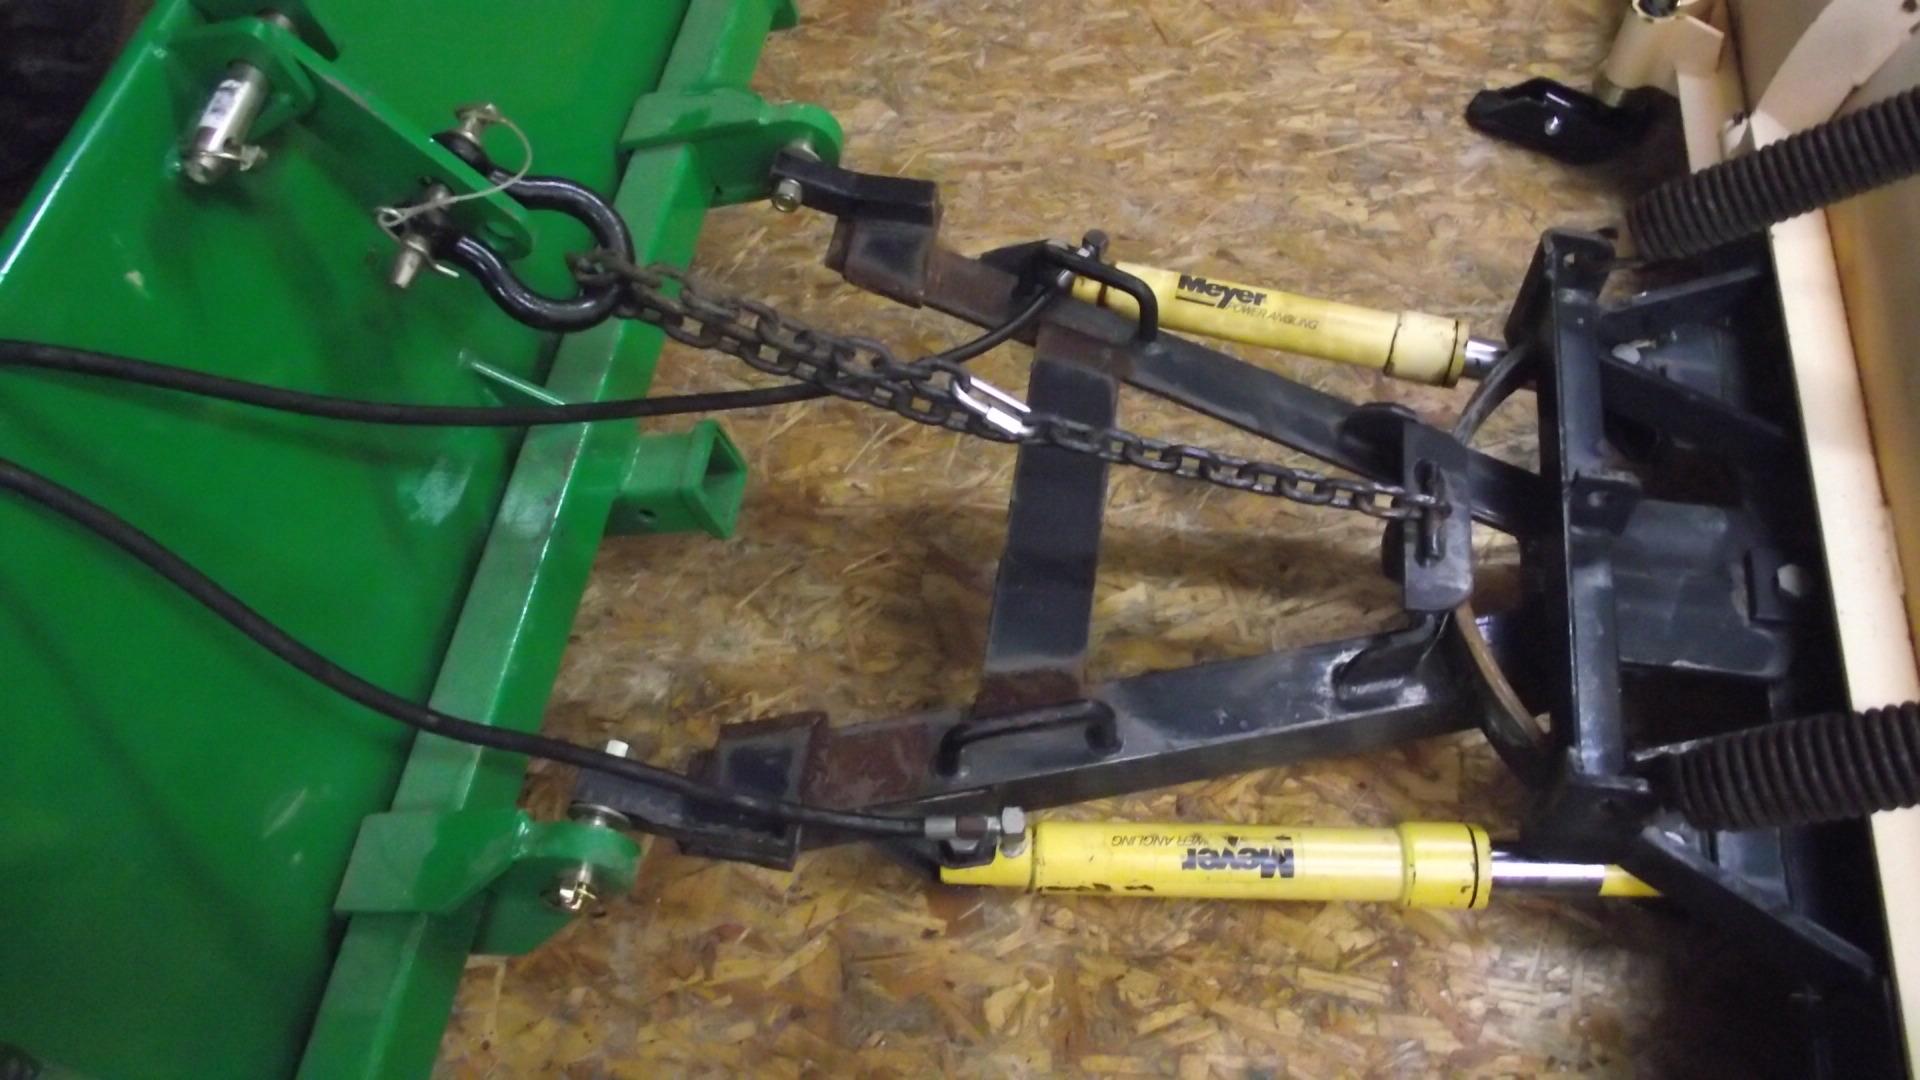 John Deere 1026r Loader Snow Plow : Western snow plow on r page